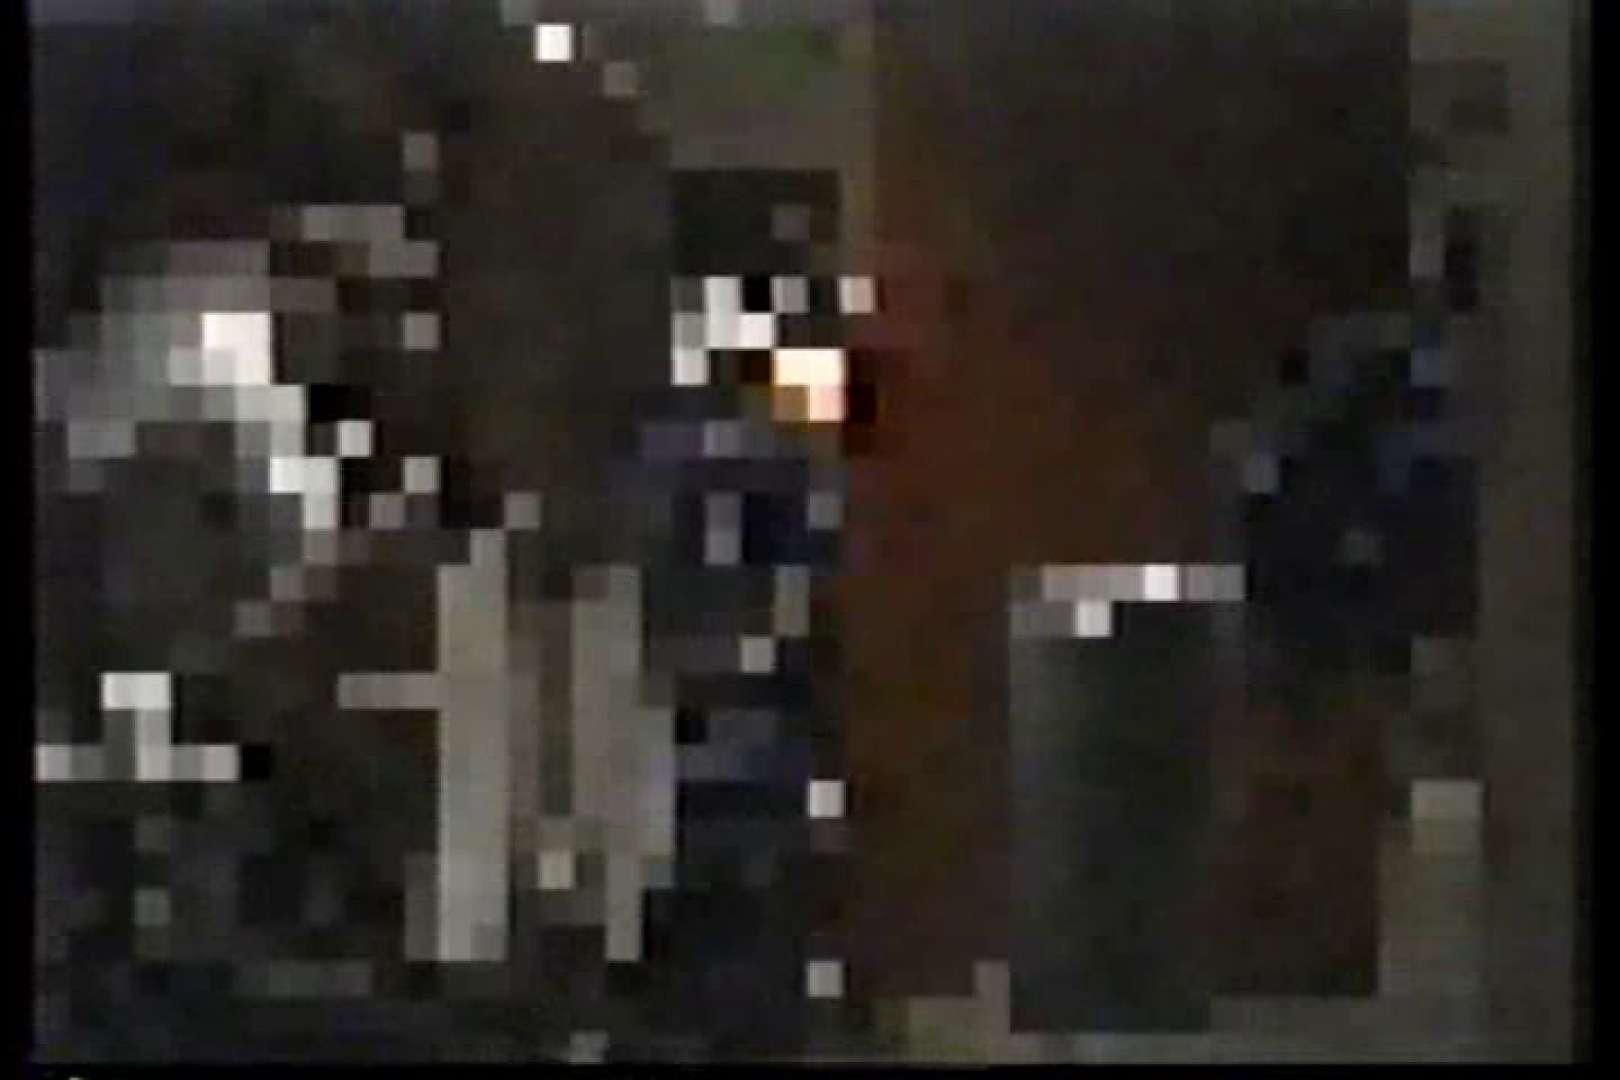 洋人さんの脱衣所を覗いてみました。VOL.3 男天国 | 0  109pic 19